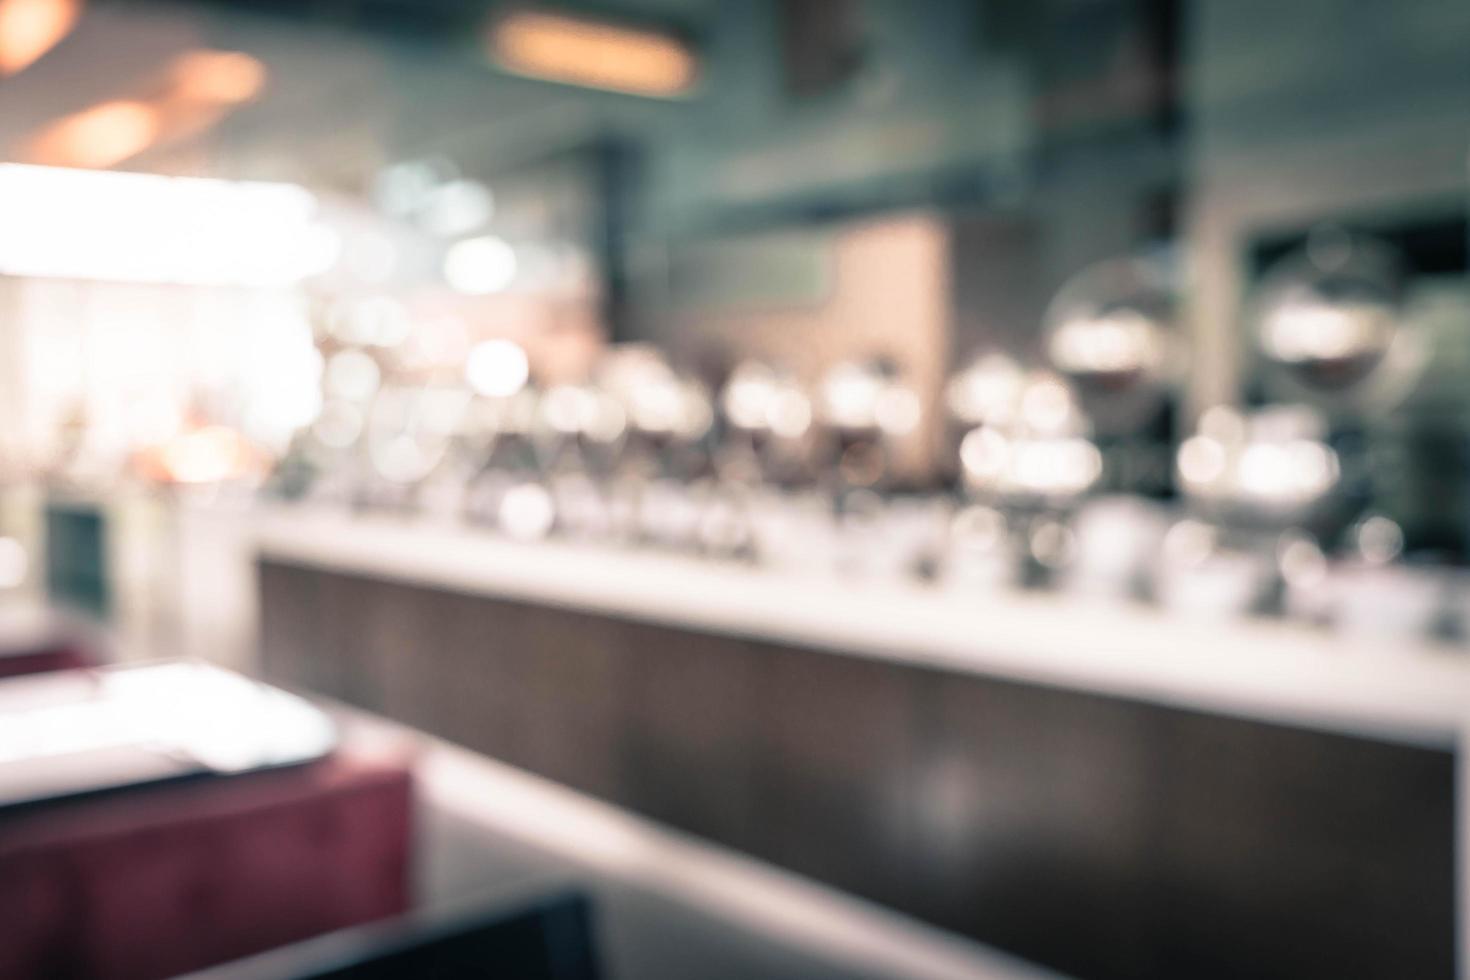 abstract vervagen catering buffet eten in restaurant - vintage effect filter foto